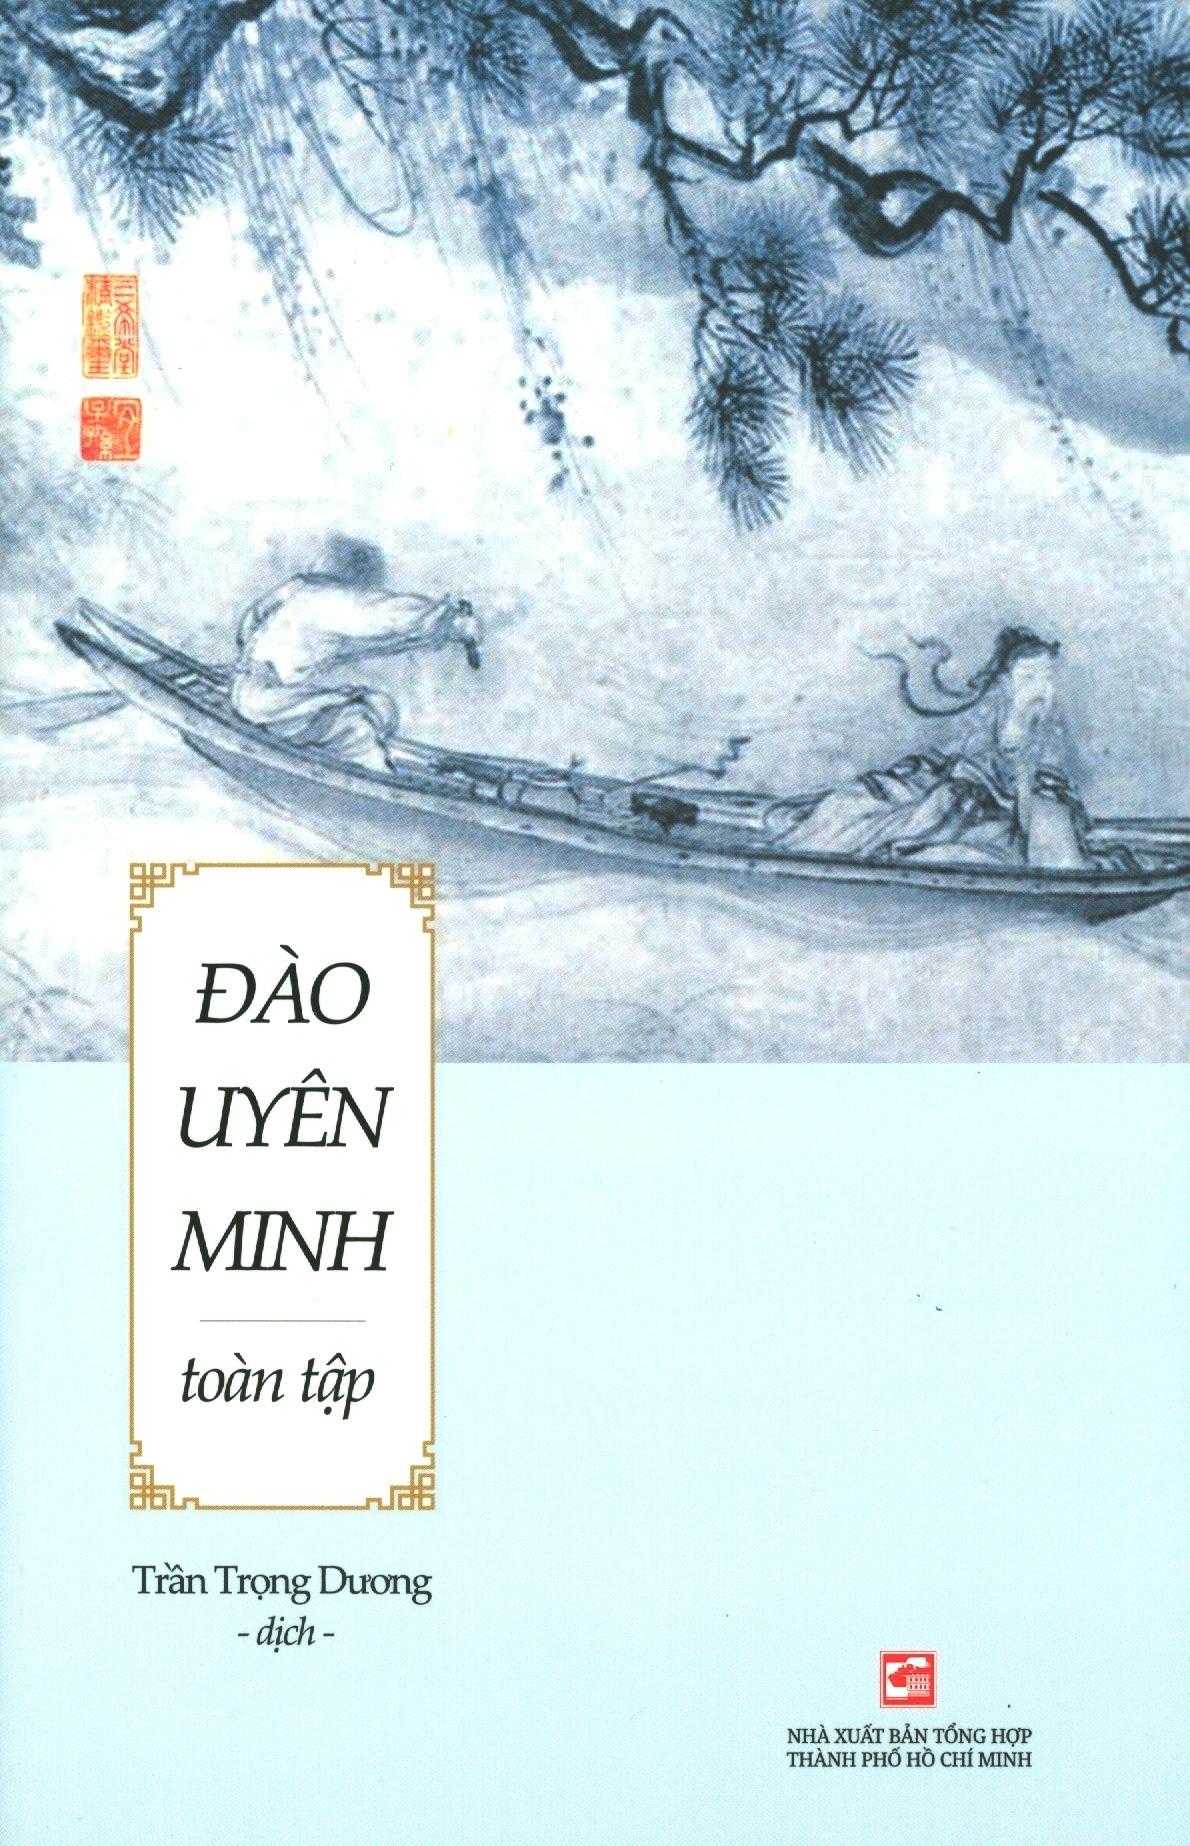 Tiến sỹ Trần Trọng Dương đã mất 15 năm để khảo cứu, dịch thuật, chú thích và… tìm cách xuất bản cuốn sách.